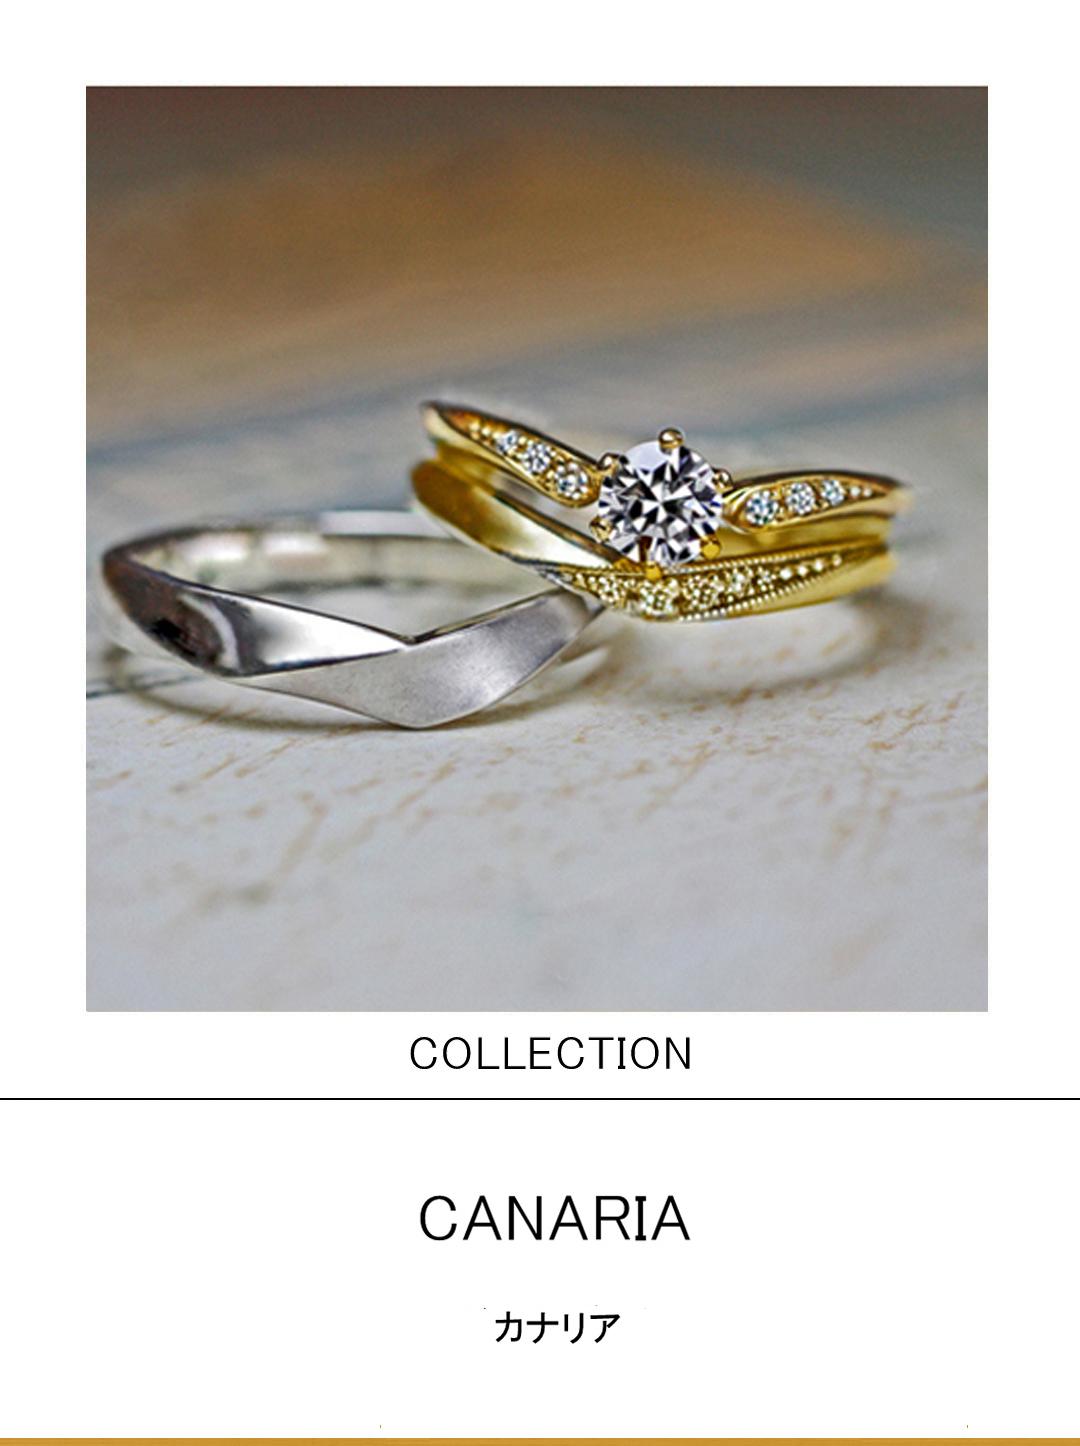 指にとまったカナリアのゴールドの婚約指輪と結婚指輪セットリングのサムネイル